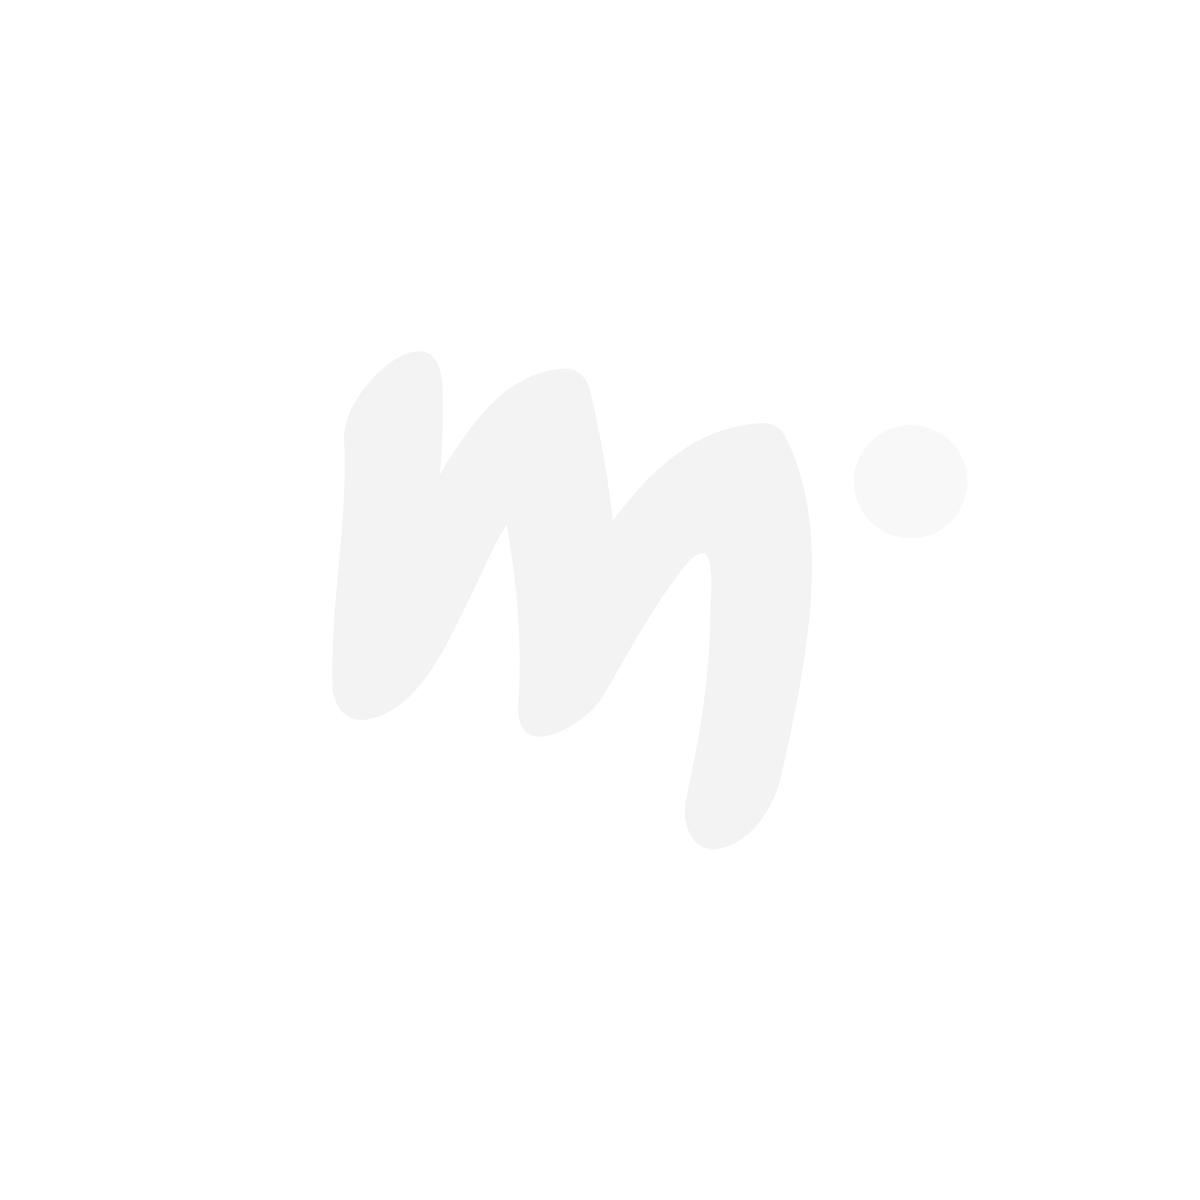 Muumi Moominvalley Purjehdus -teepurkki